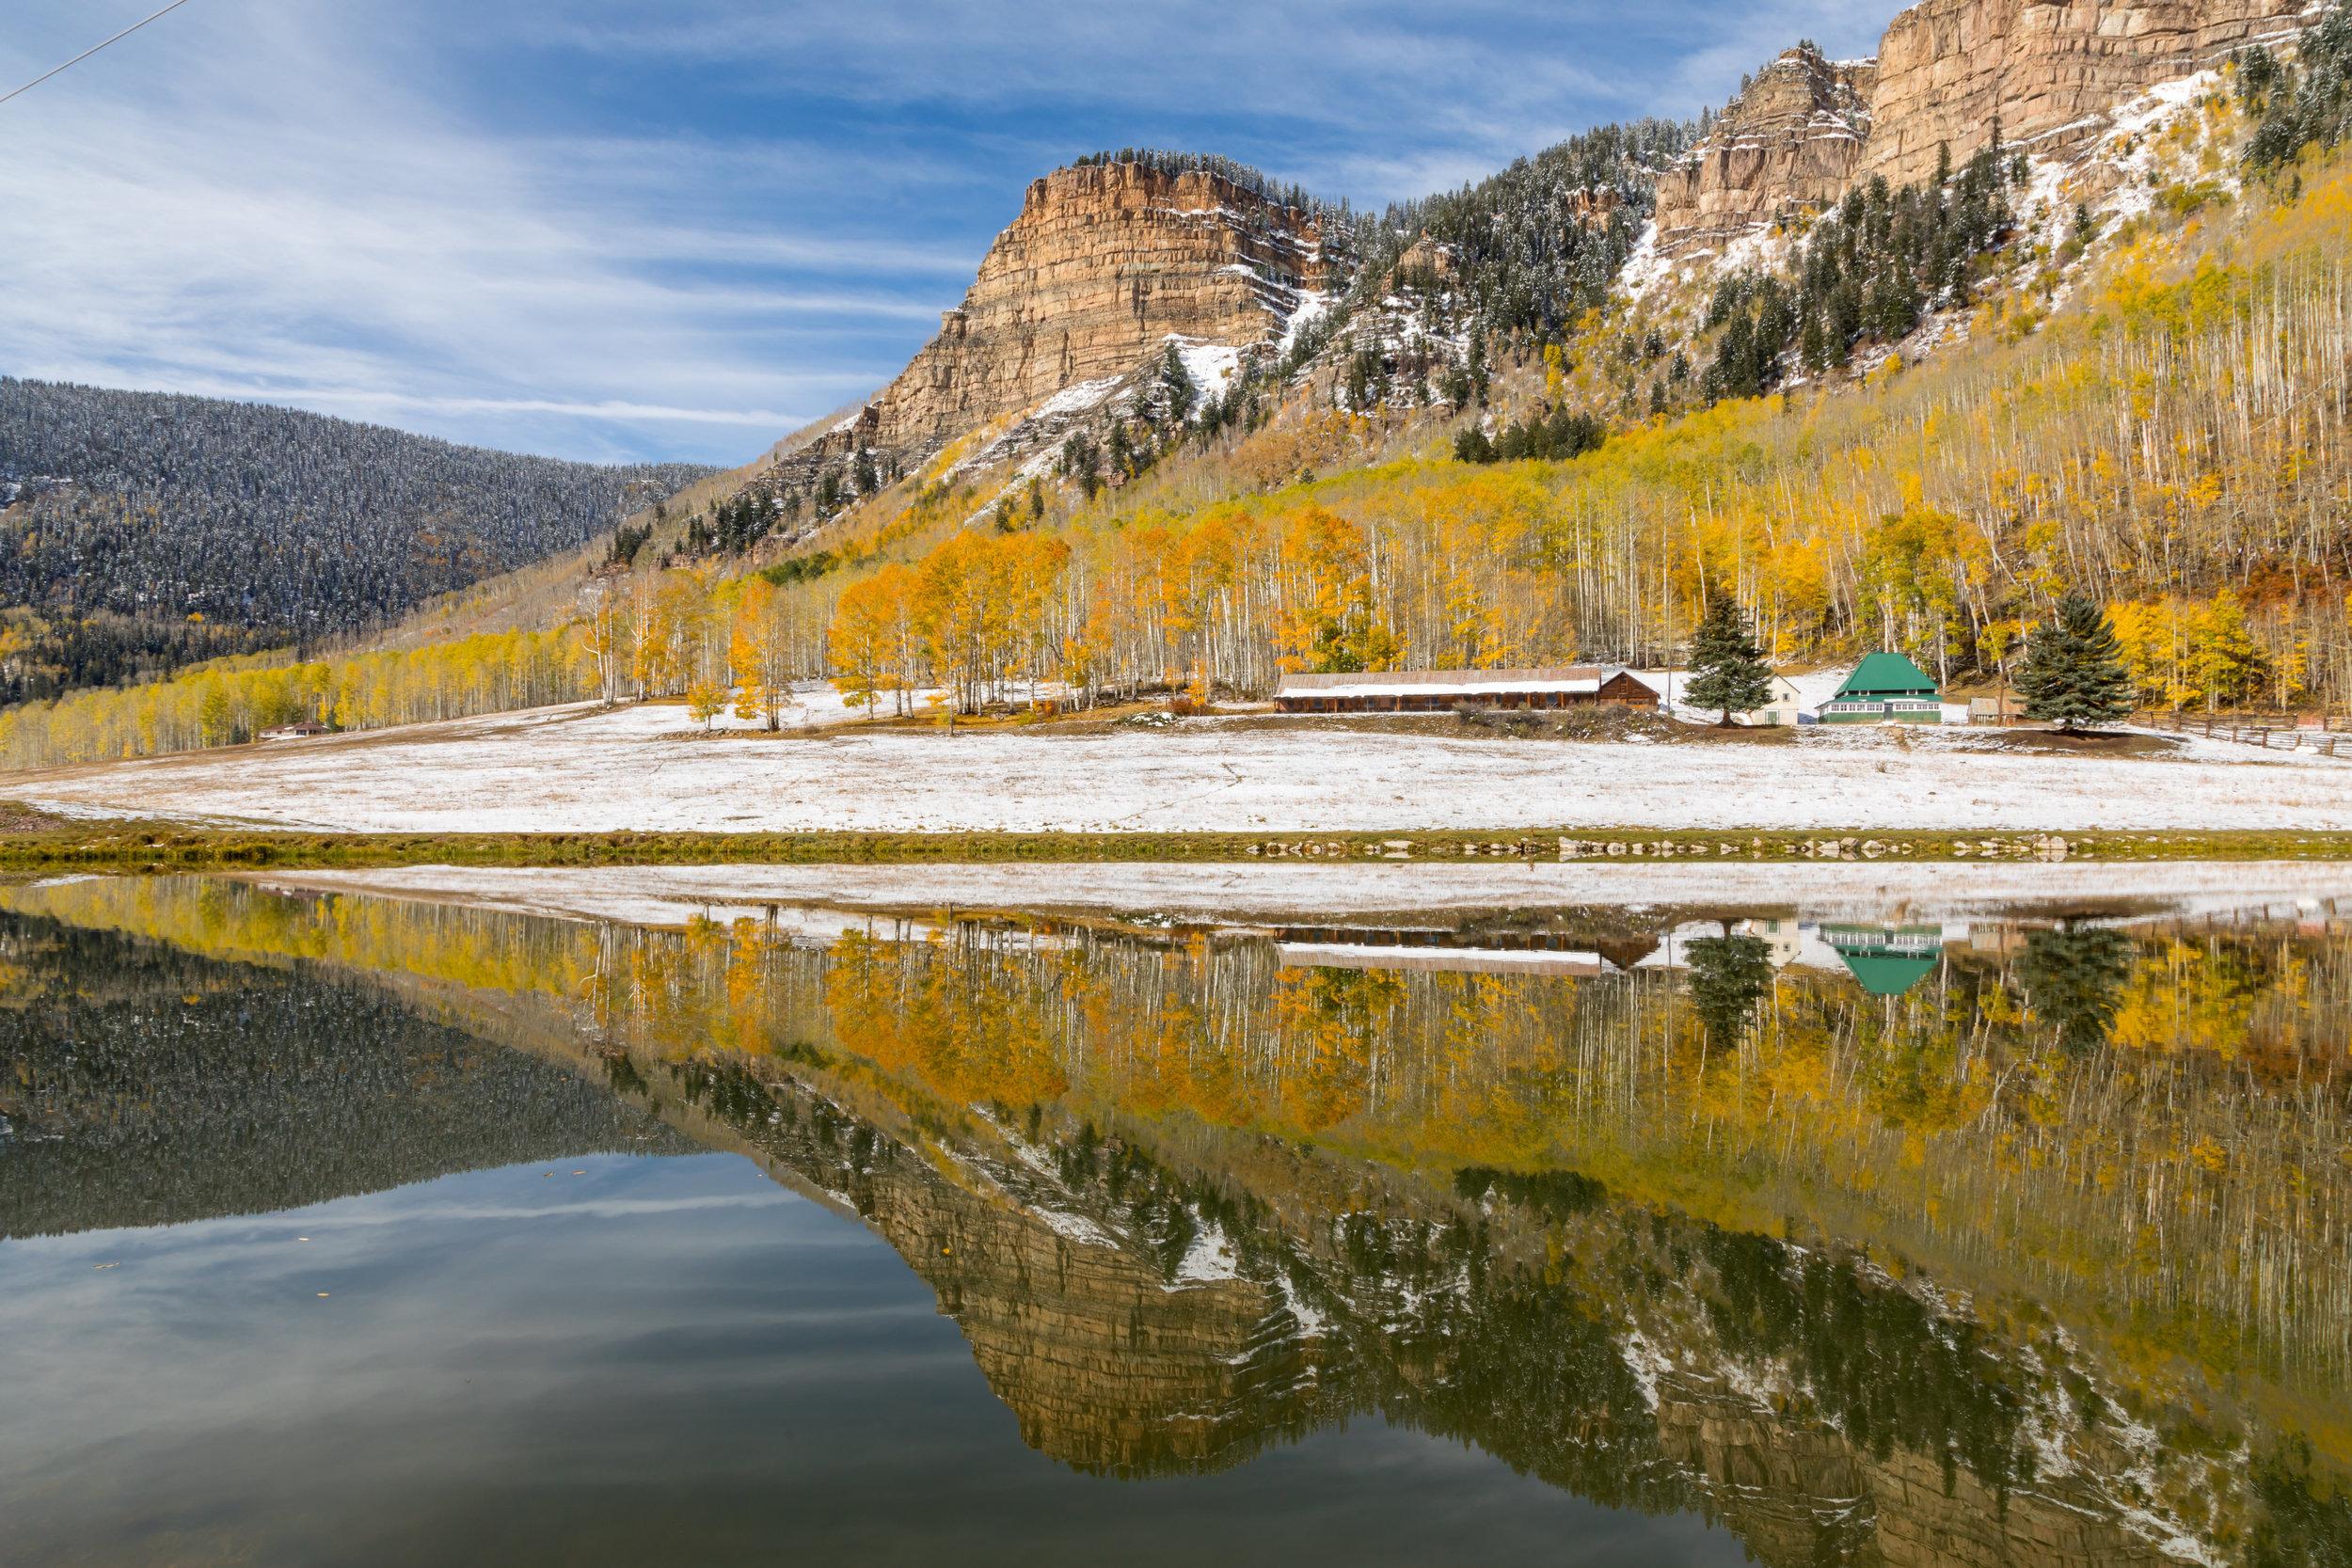 Hotter Pond, Image # 9870